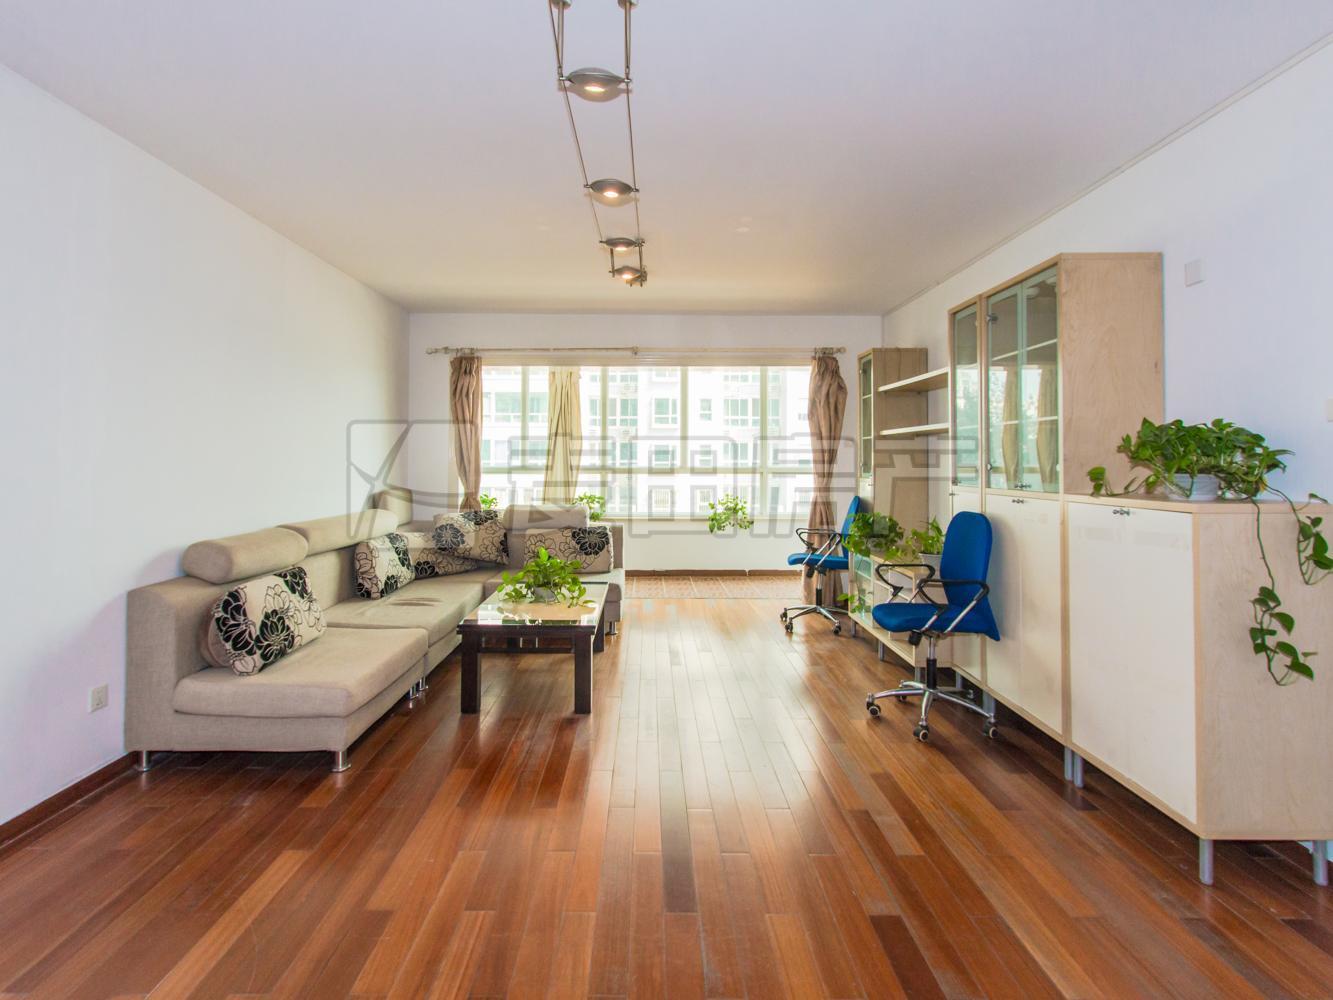 阳光都市、单价8万、可以改3居室、观小区花园、超大阳台送佣人房